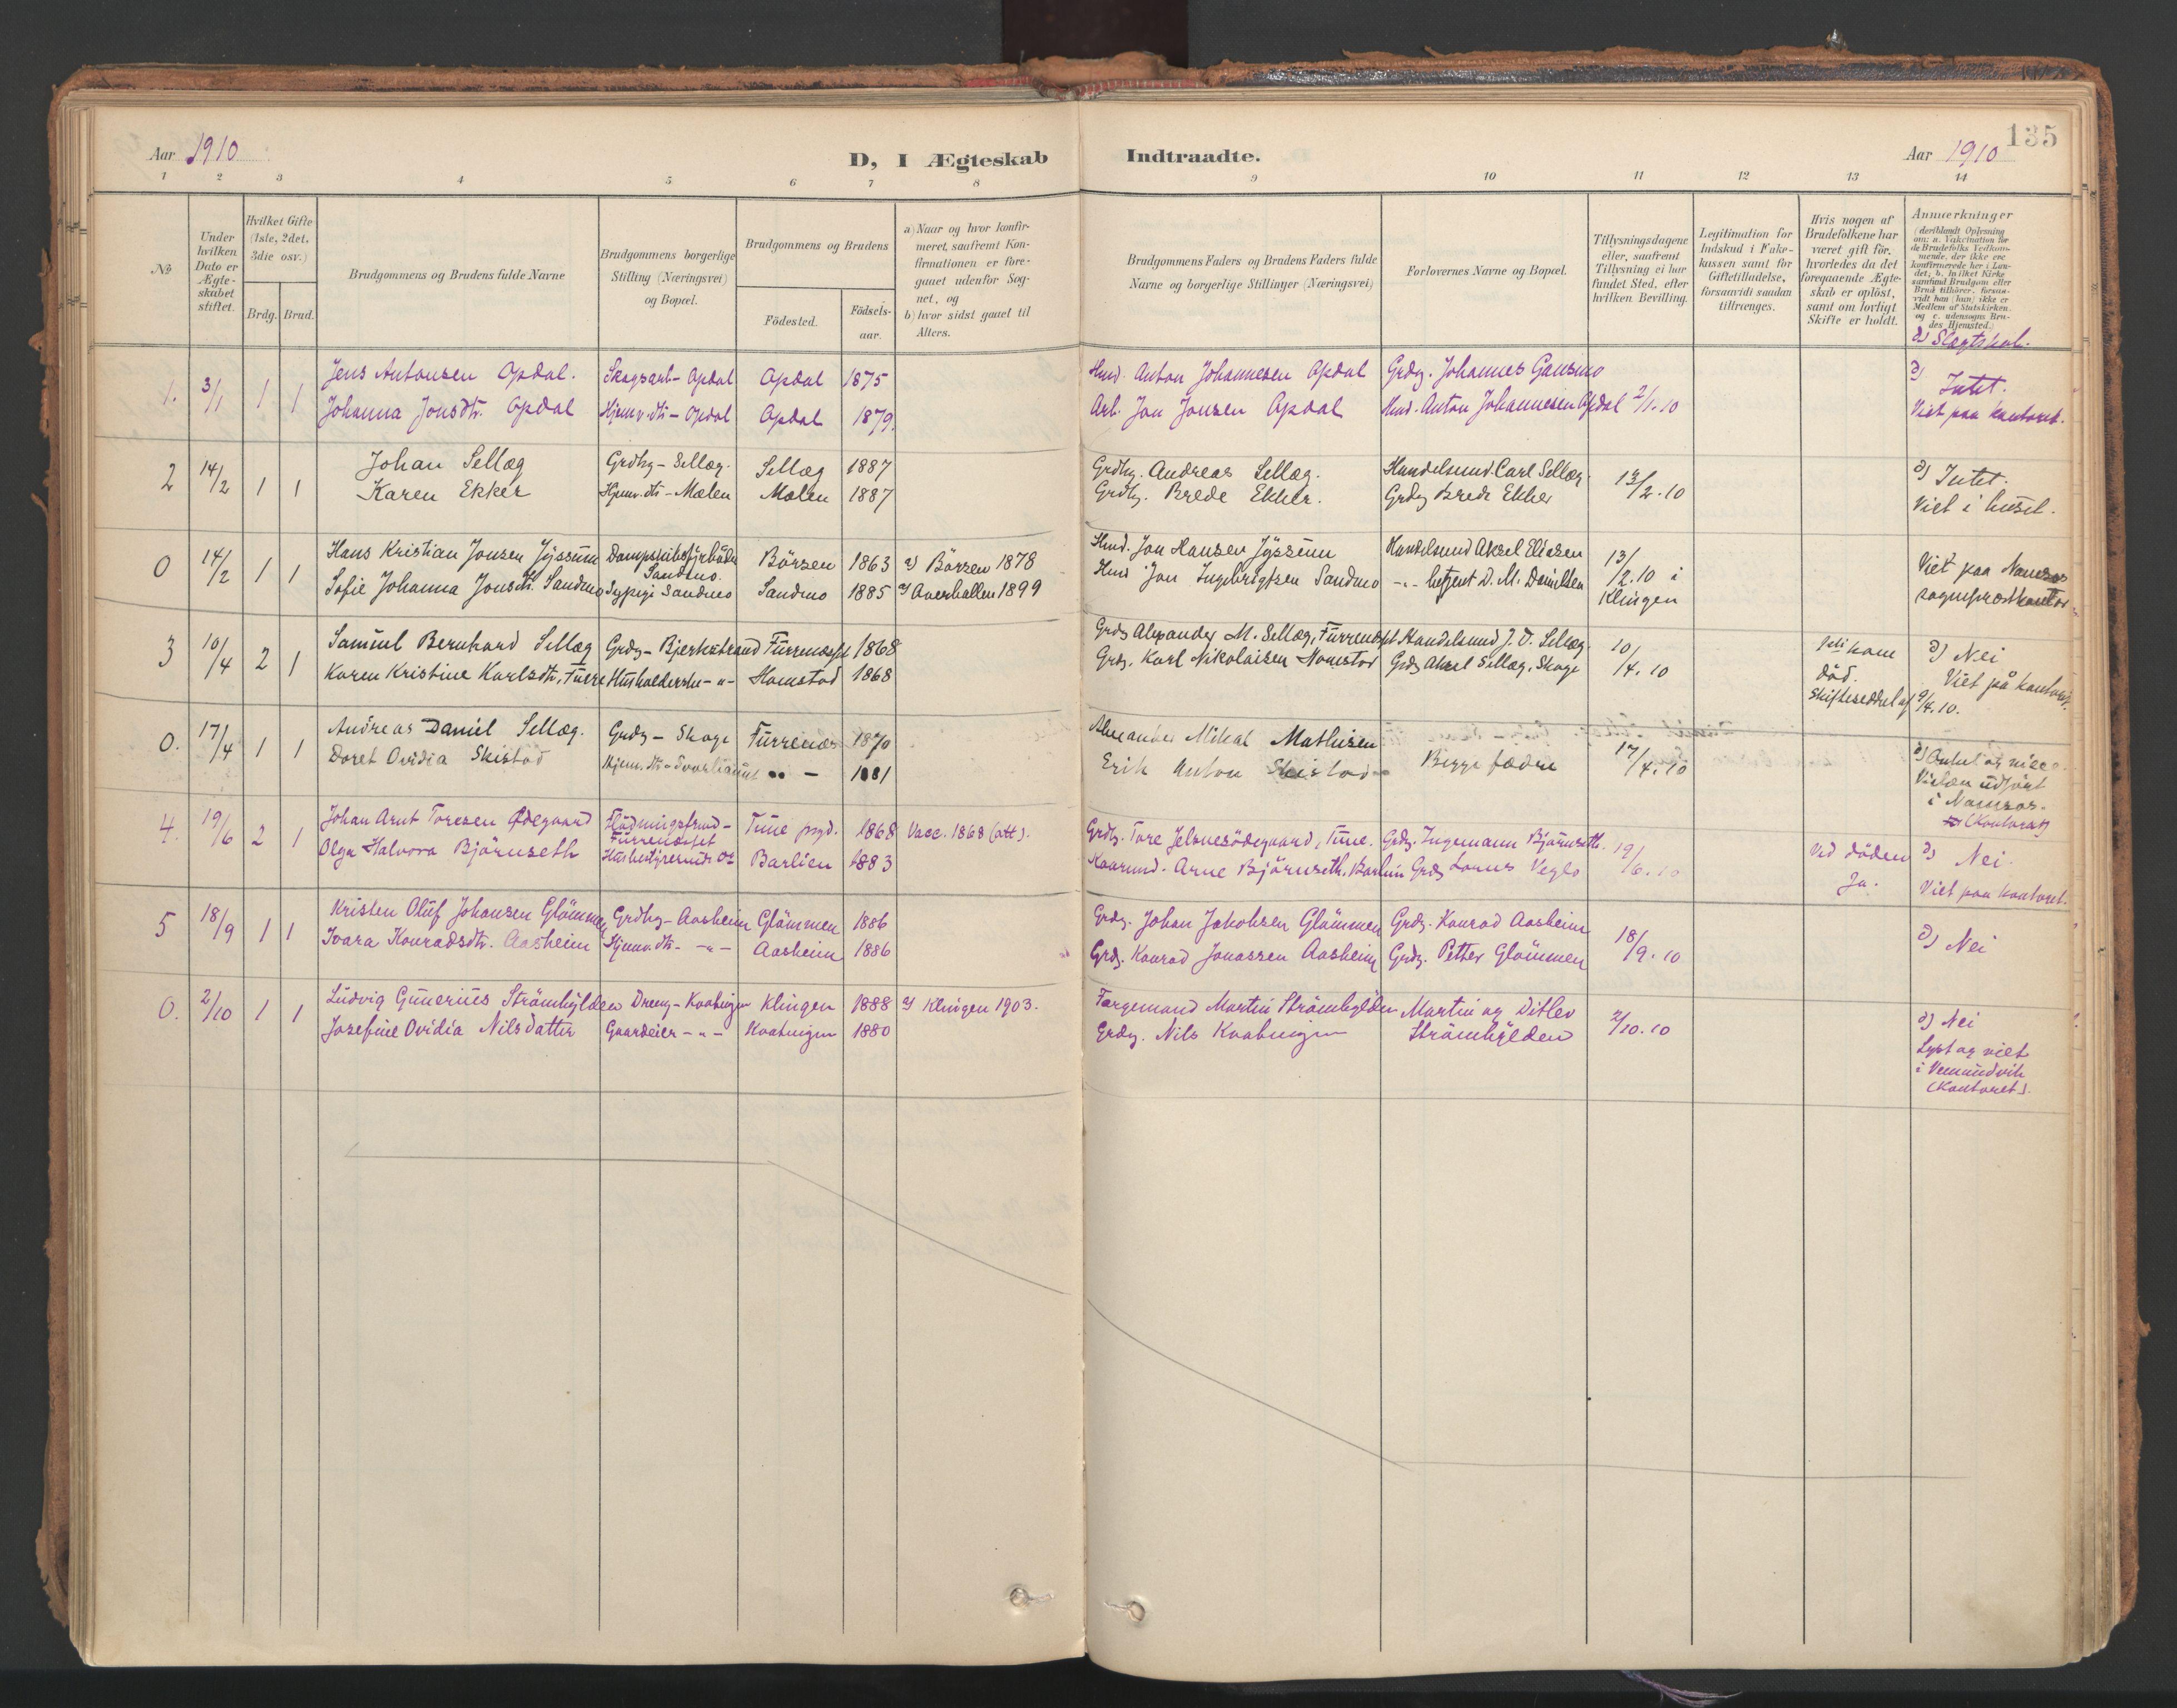 SAT, Ministerialprotokoller, klokkerbøker og fødselsregistre - Nord-Trøndelag, 766/L0564: Ministerialbok nr. 767A02, 1900-1932, s. 135